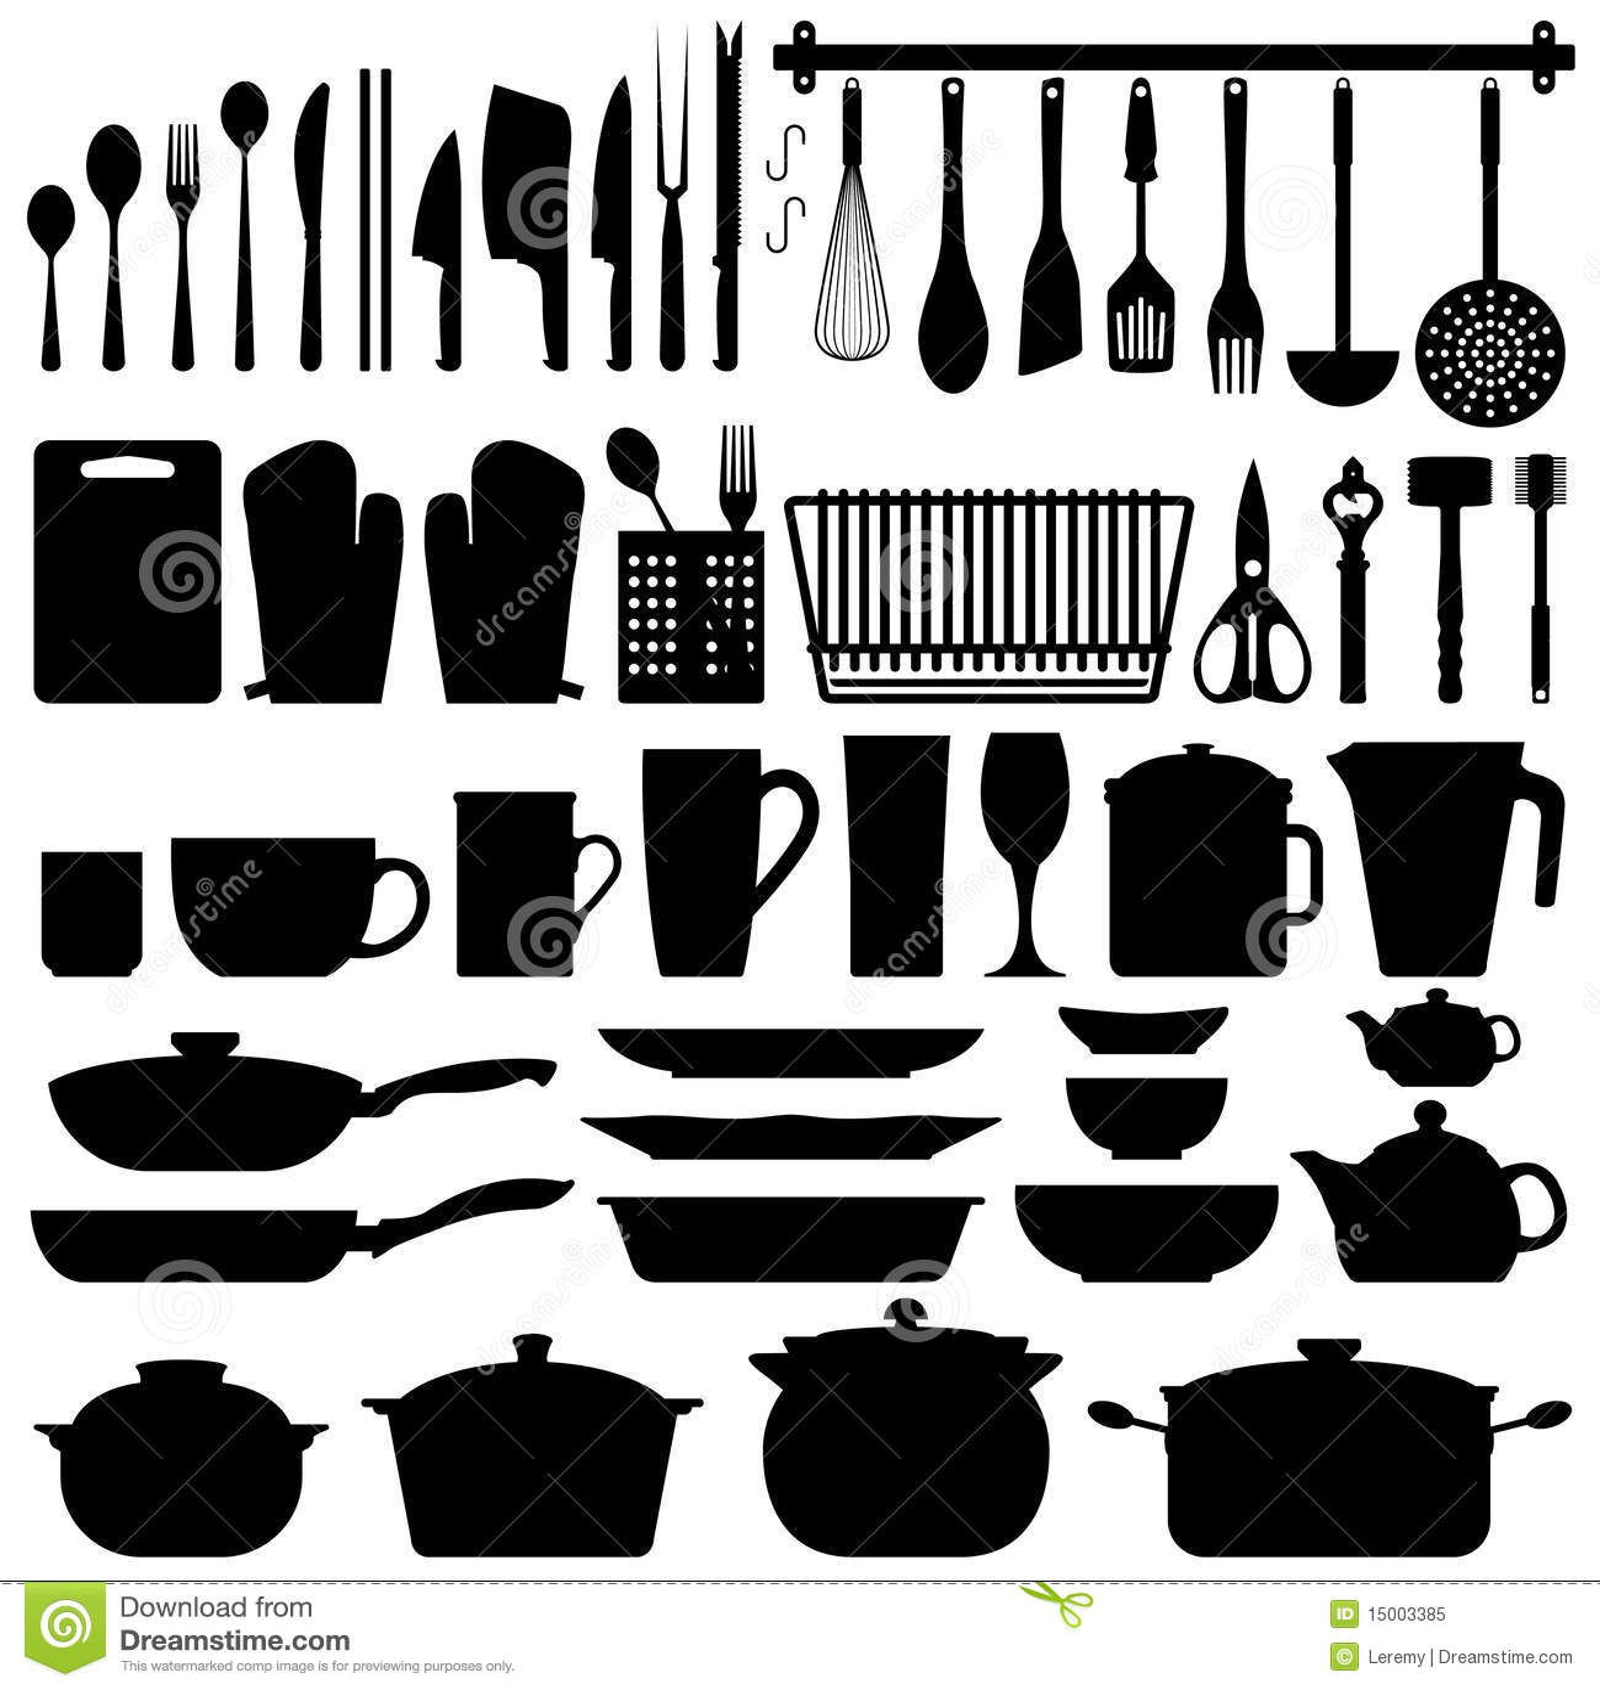 vecteur de silhouette d 39 ustensiles de cuisine photo libre de droits image 15003385. Black Bedroom Furniture Sets. Home Design Ideas